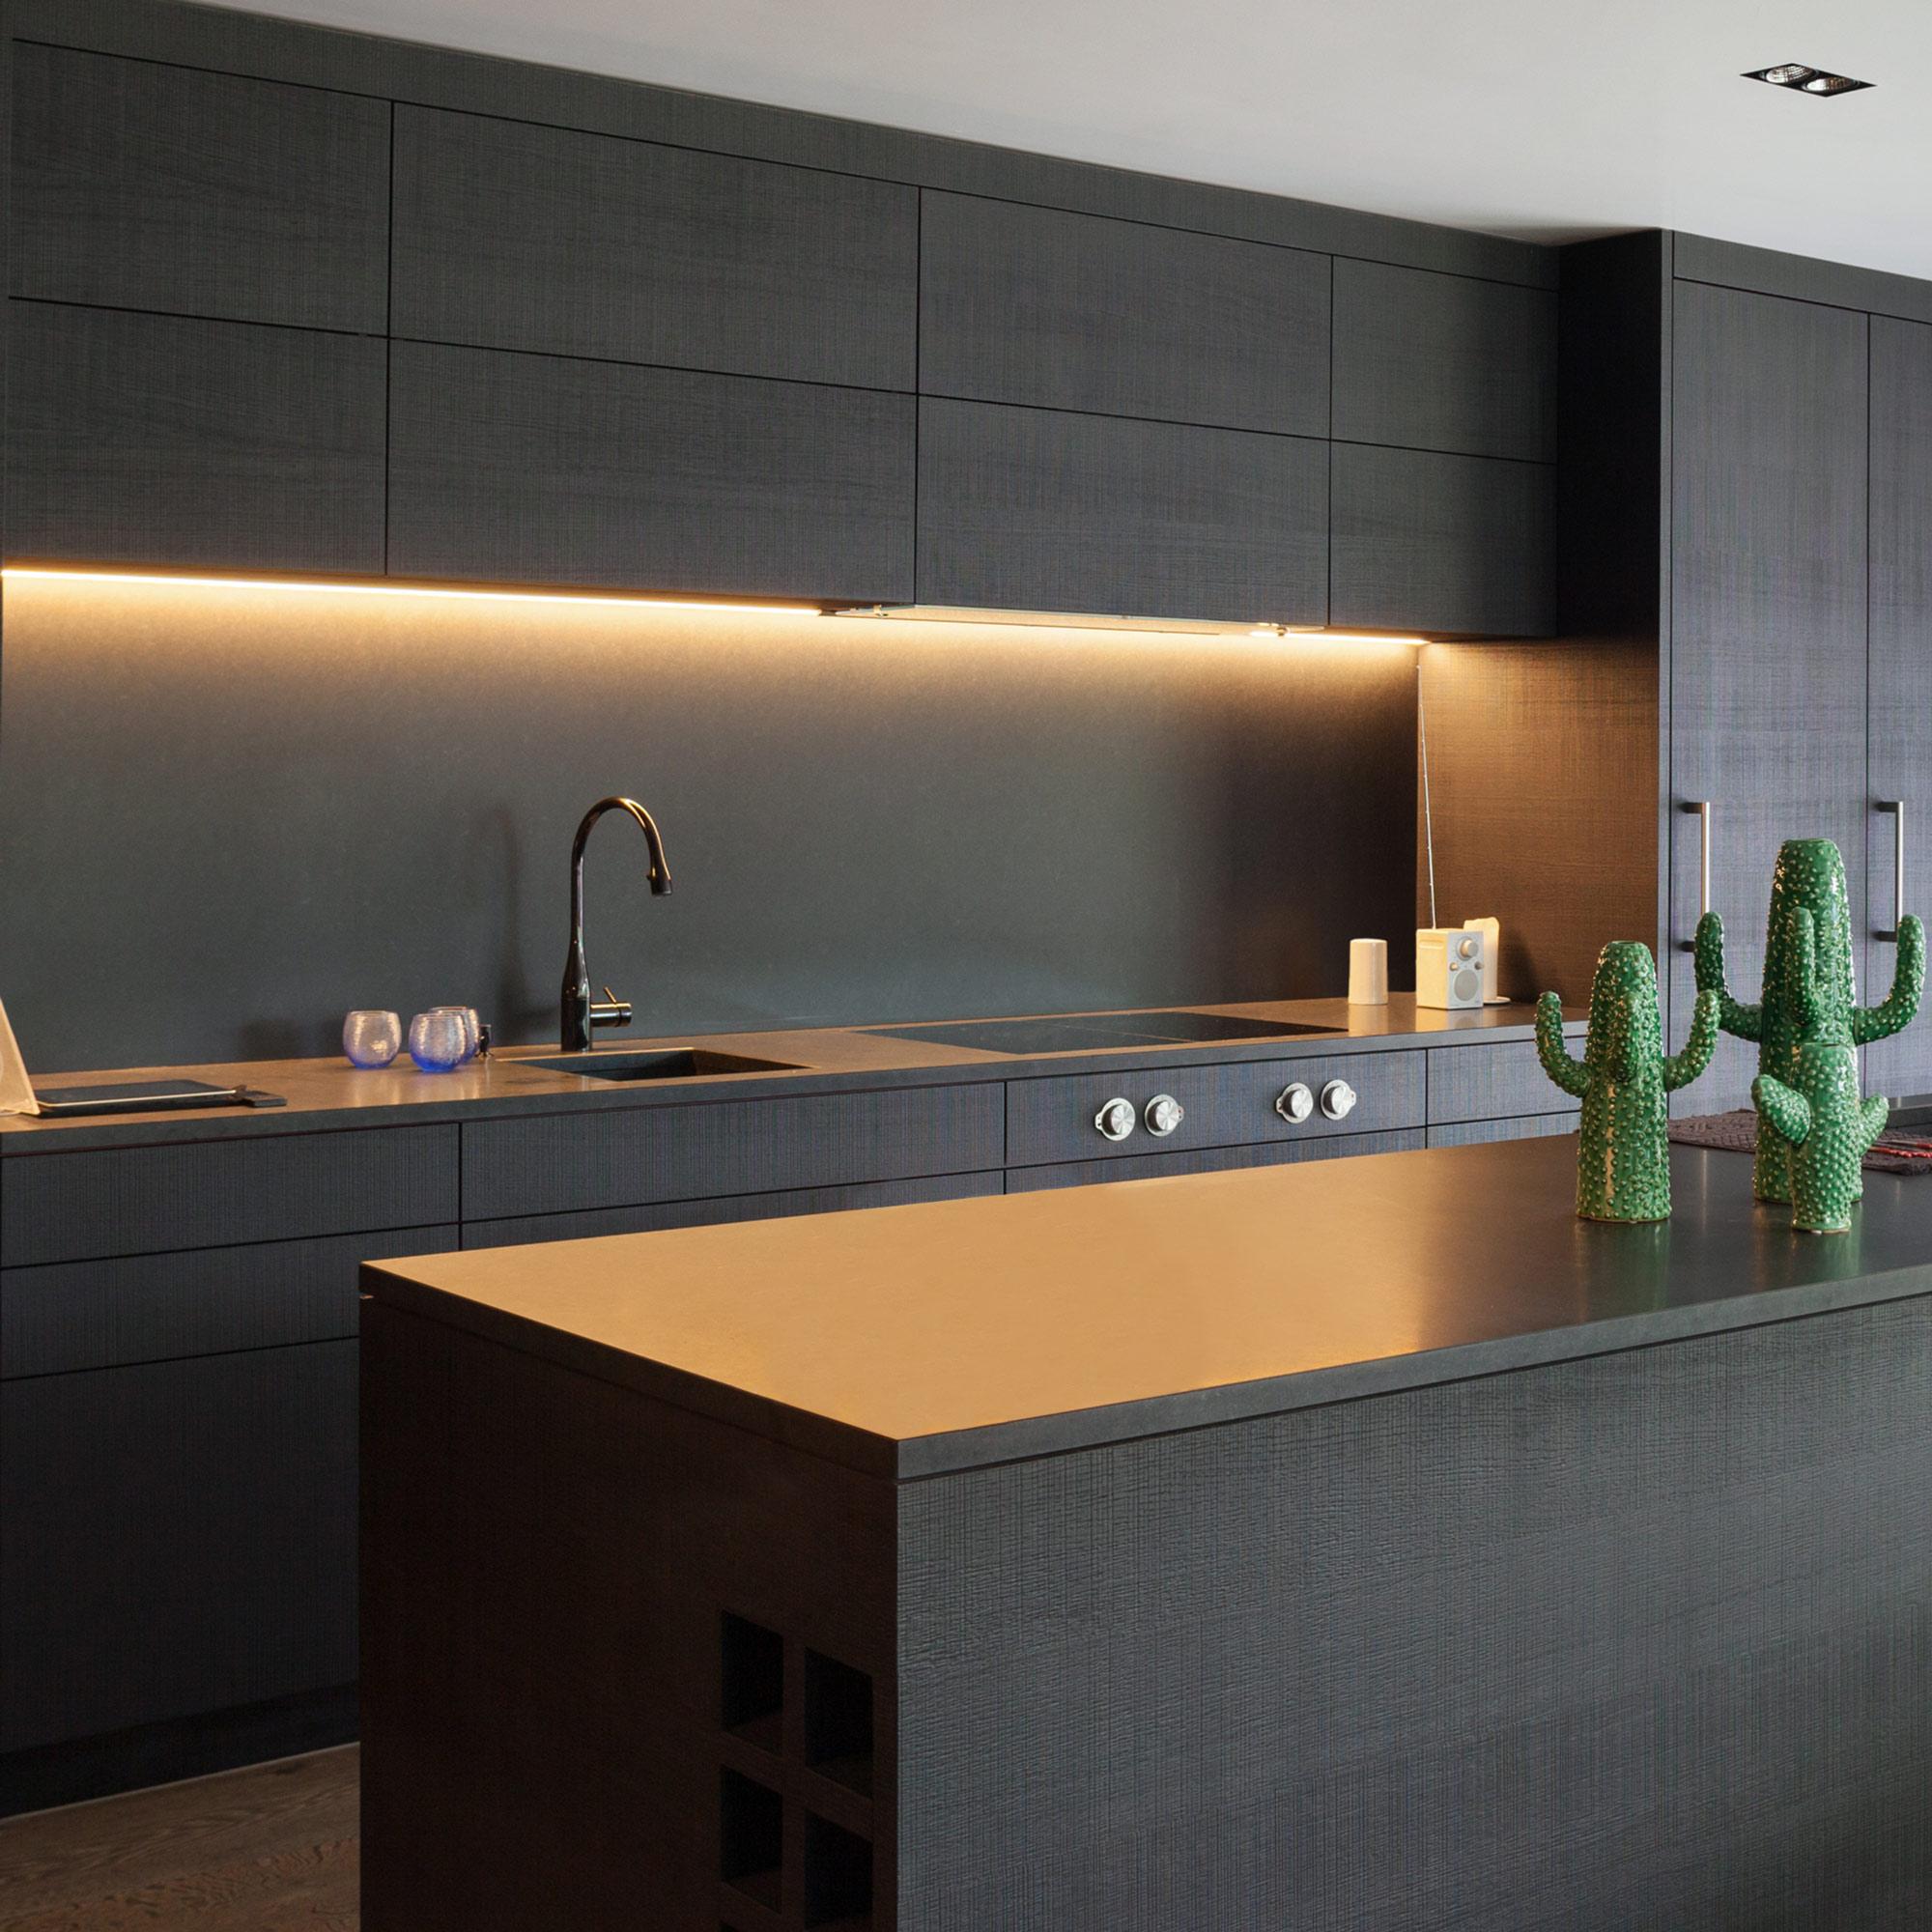 StripeLED Unterbauleuchten Set, 3 Lichtleisten Mit Je 9W Warmweiß 60cm +  Touch Dimmer,